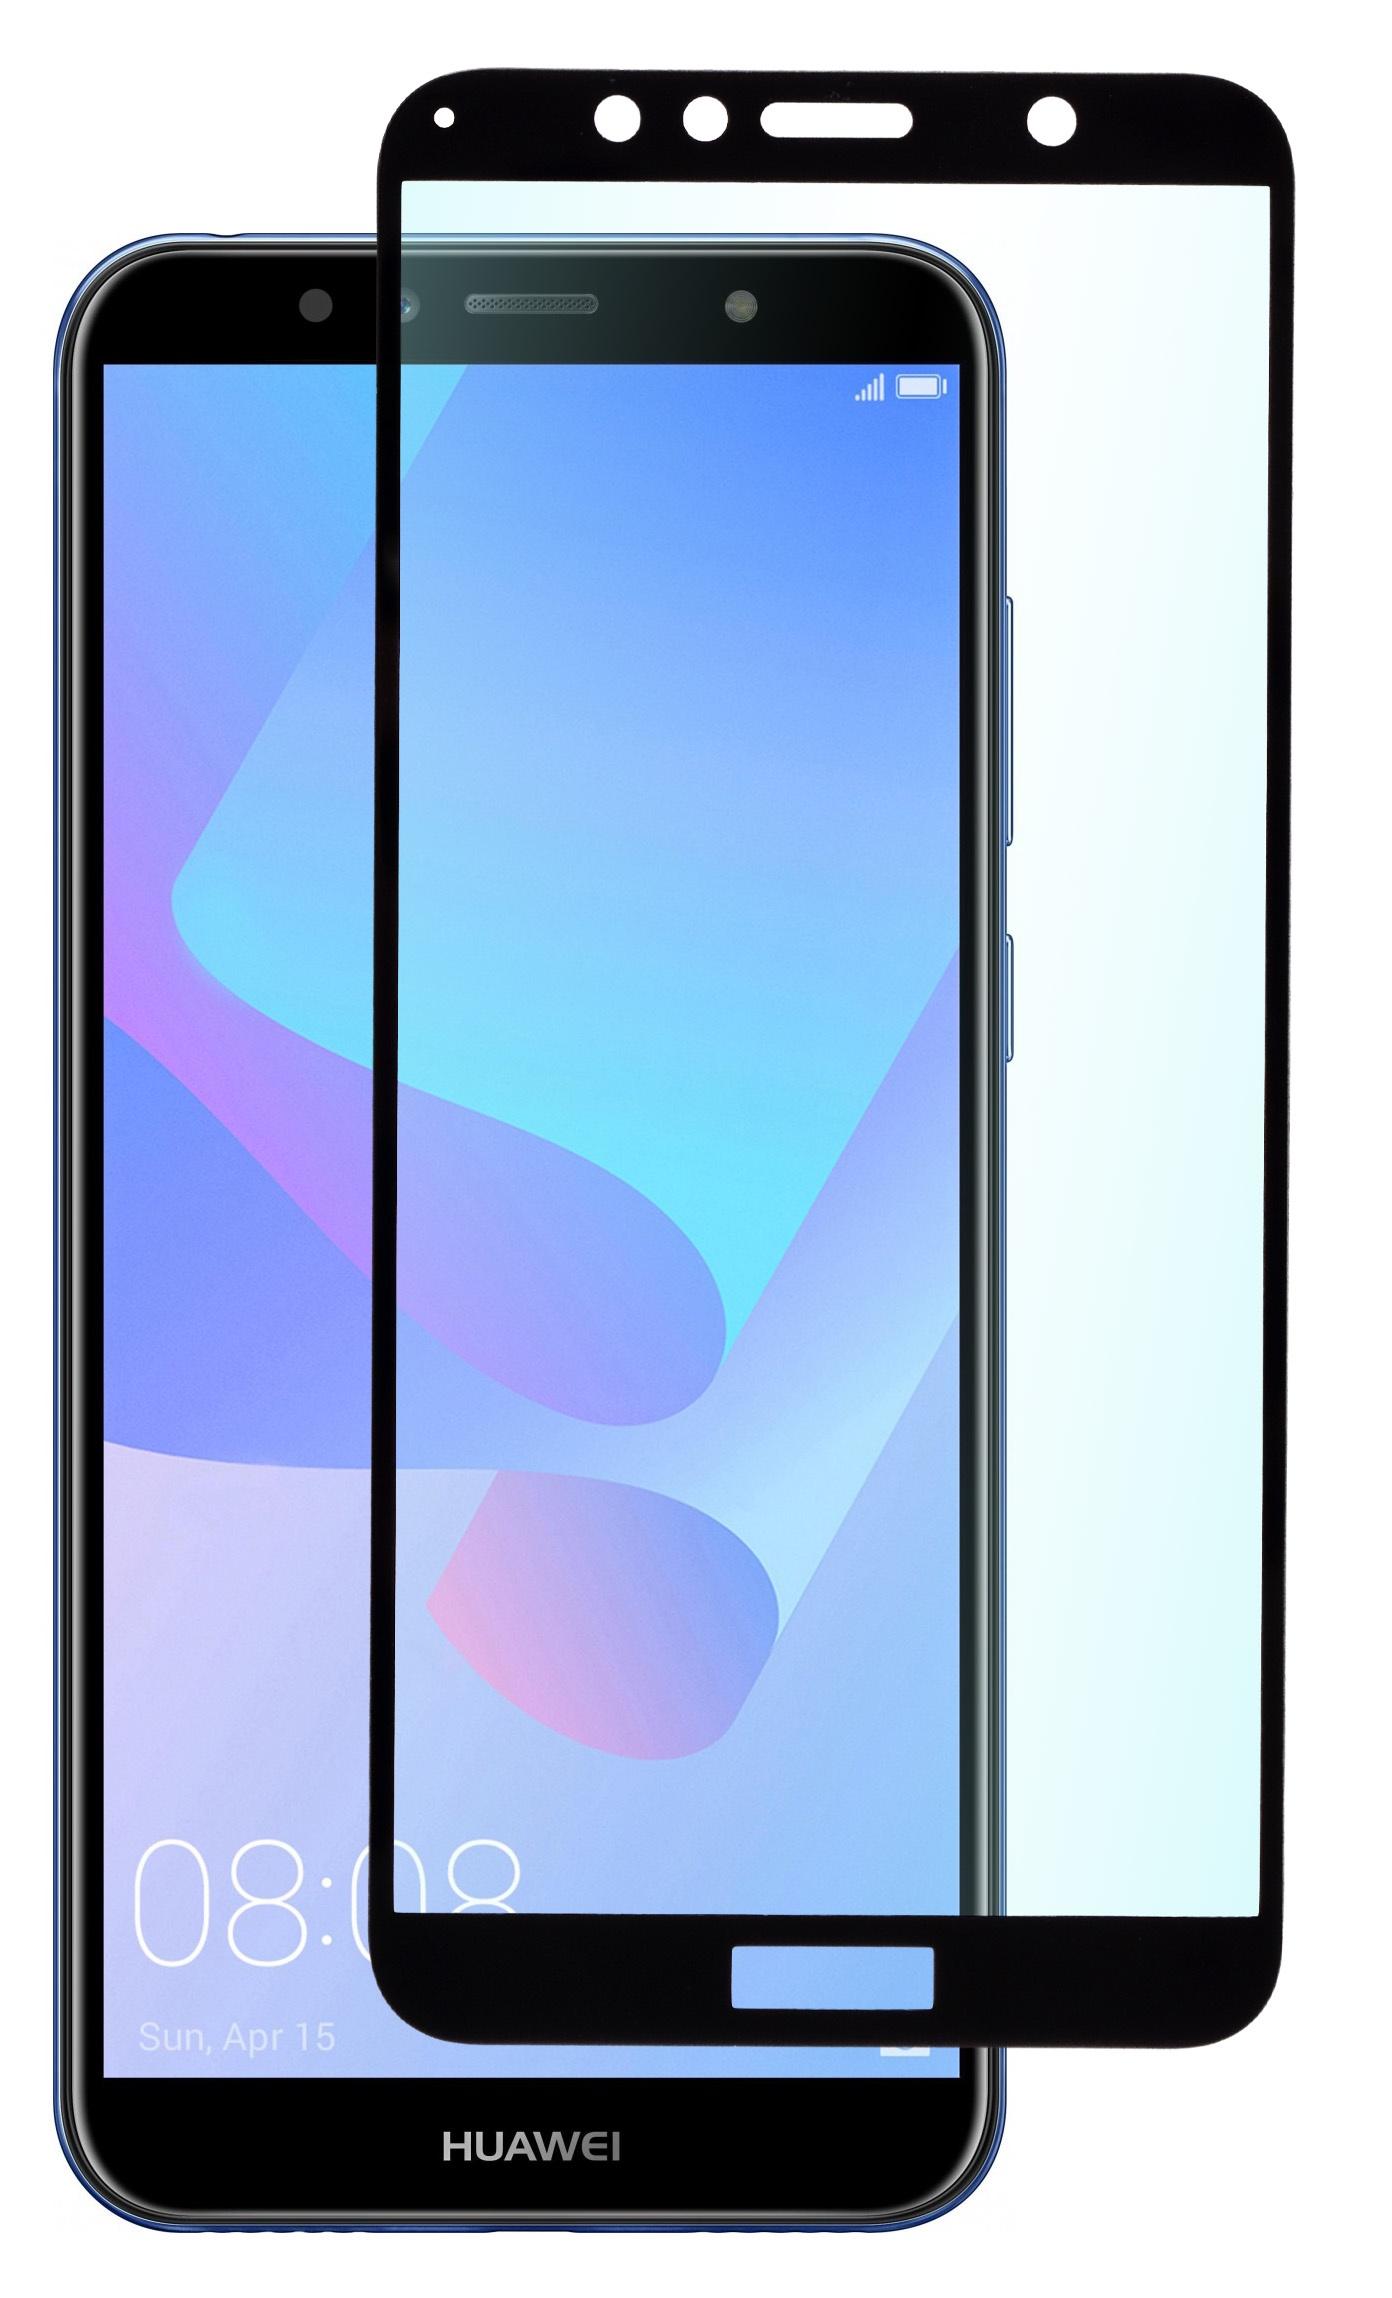 Защитное стекло SkinBOX, для Huawei Y6 Prime/ Y6/ Honor 7A Pro, 4630042522428, черный защитное стекло luxcase honor 7с 7a pro